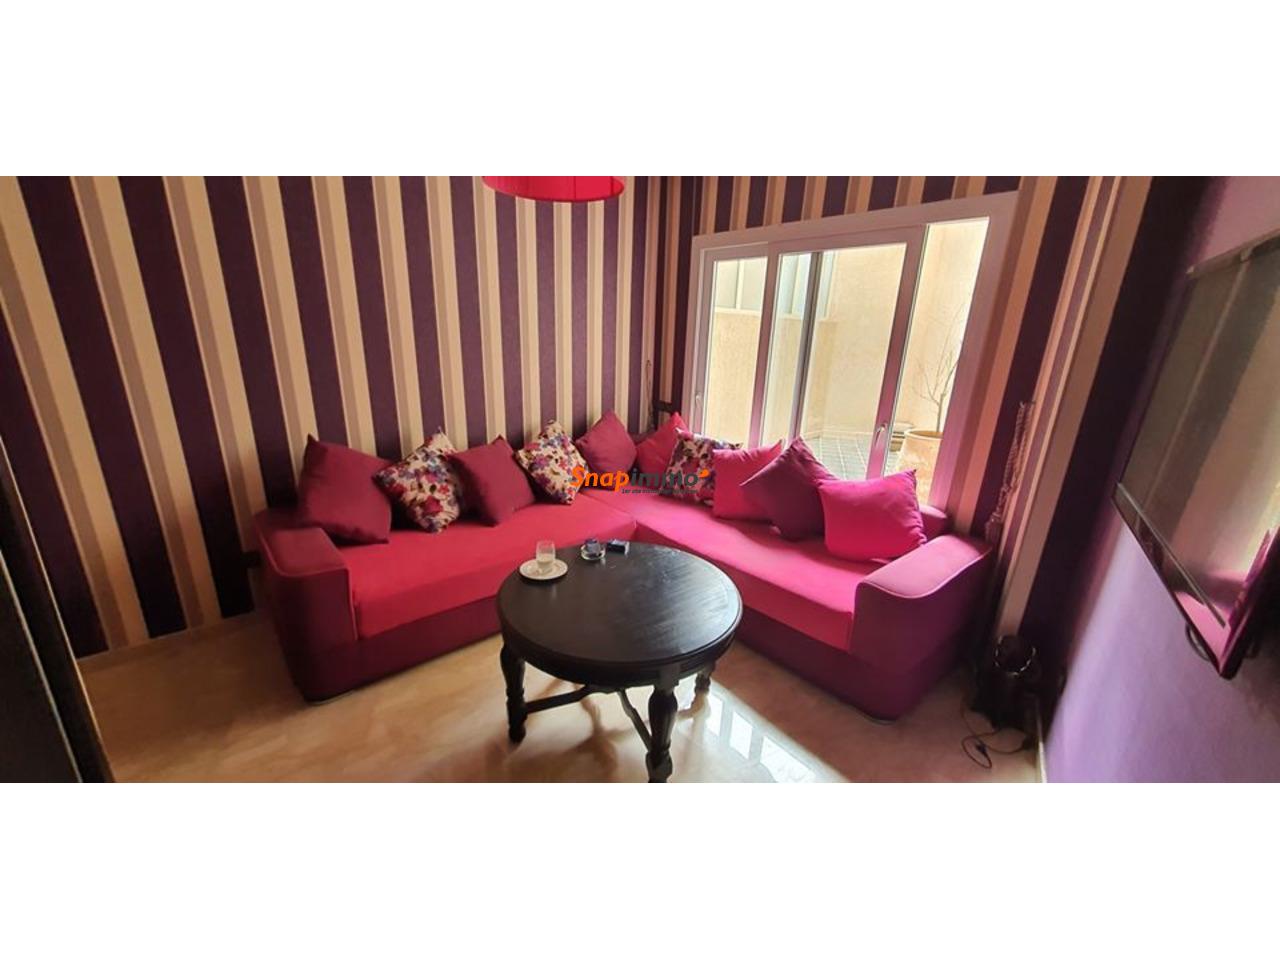 Tres bel appartement THS de 96 m2 A VENDRE a Bourgogne - 2/6